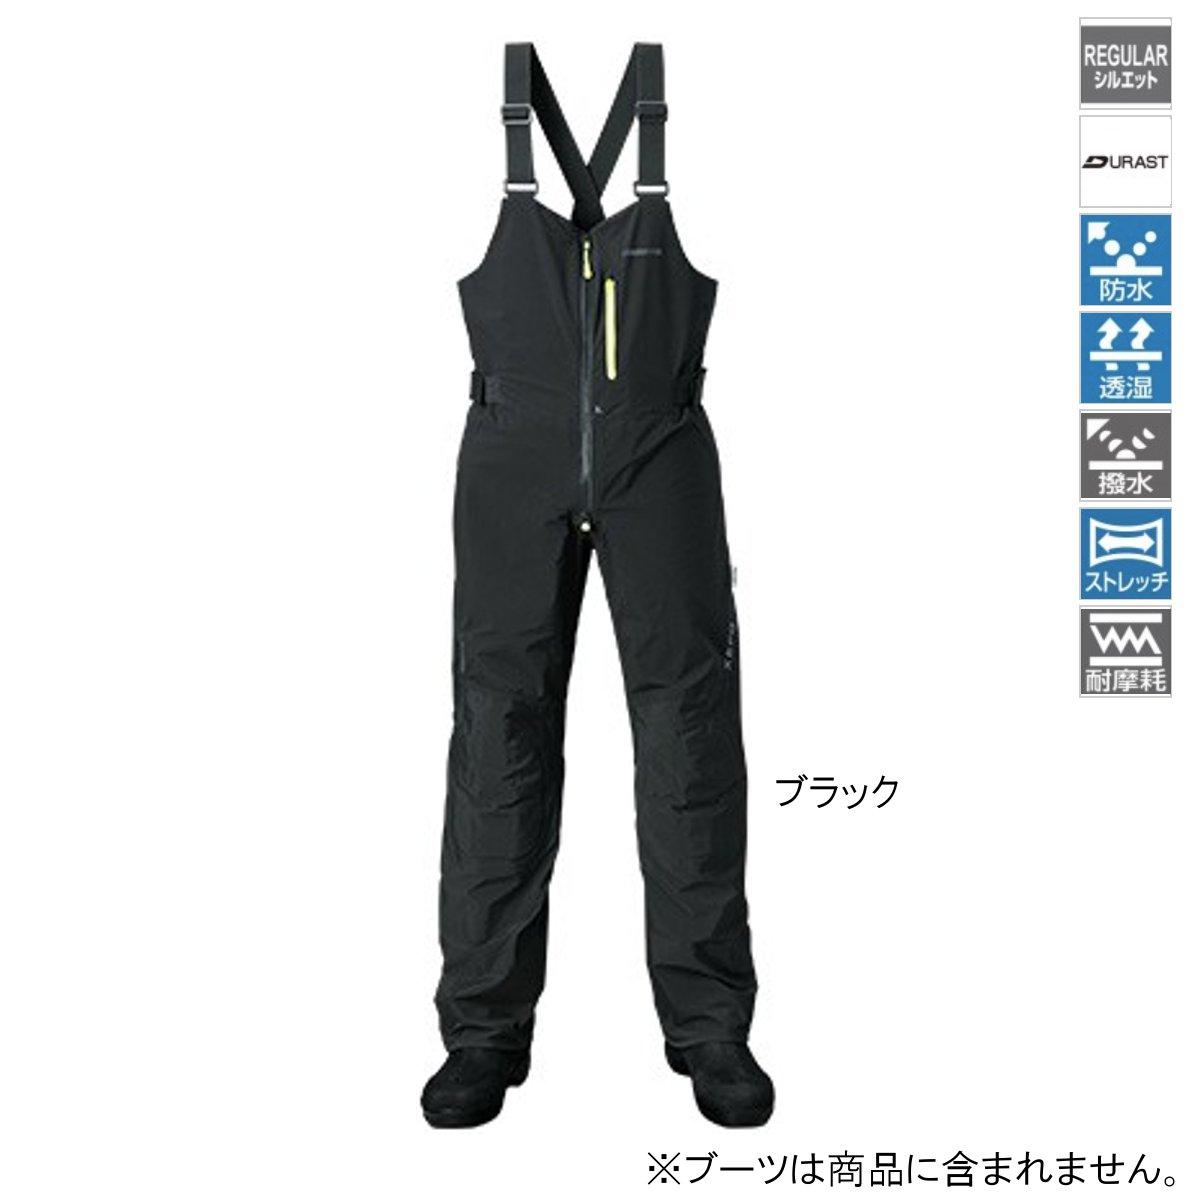 シマノ XEFO・DURASTレインビブ RA-26PS XL ブラック(東日本店)